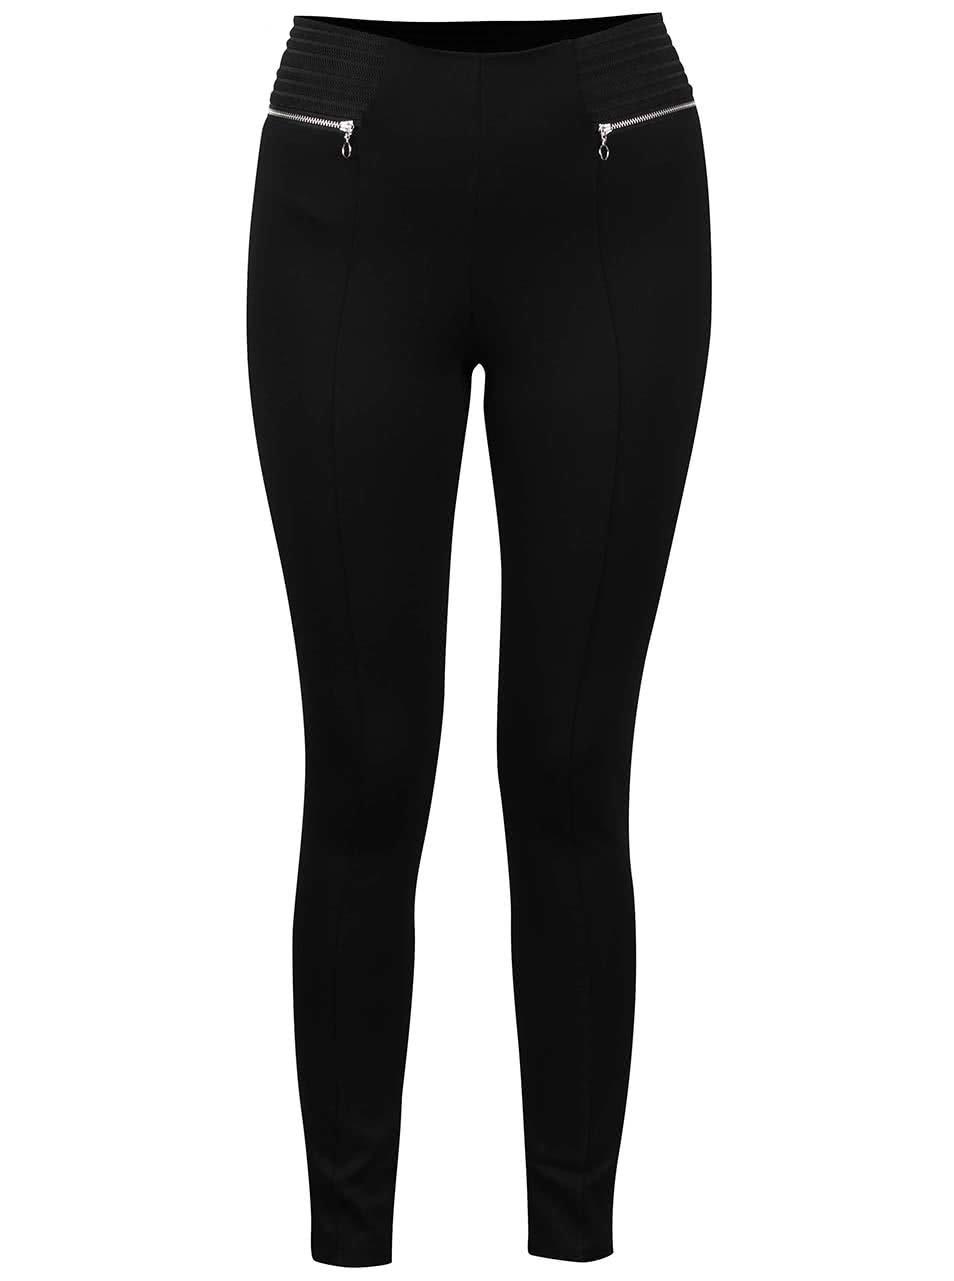 Černé elastické skinny kalhoty s ozdobnými zipy Dorothy Perkins